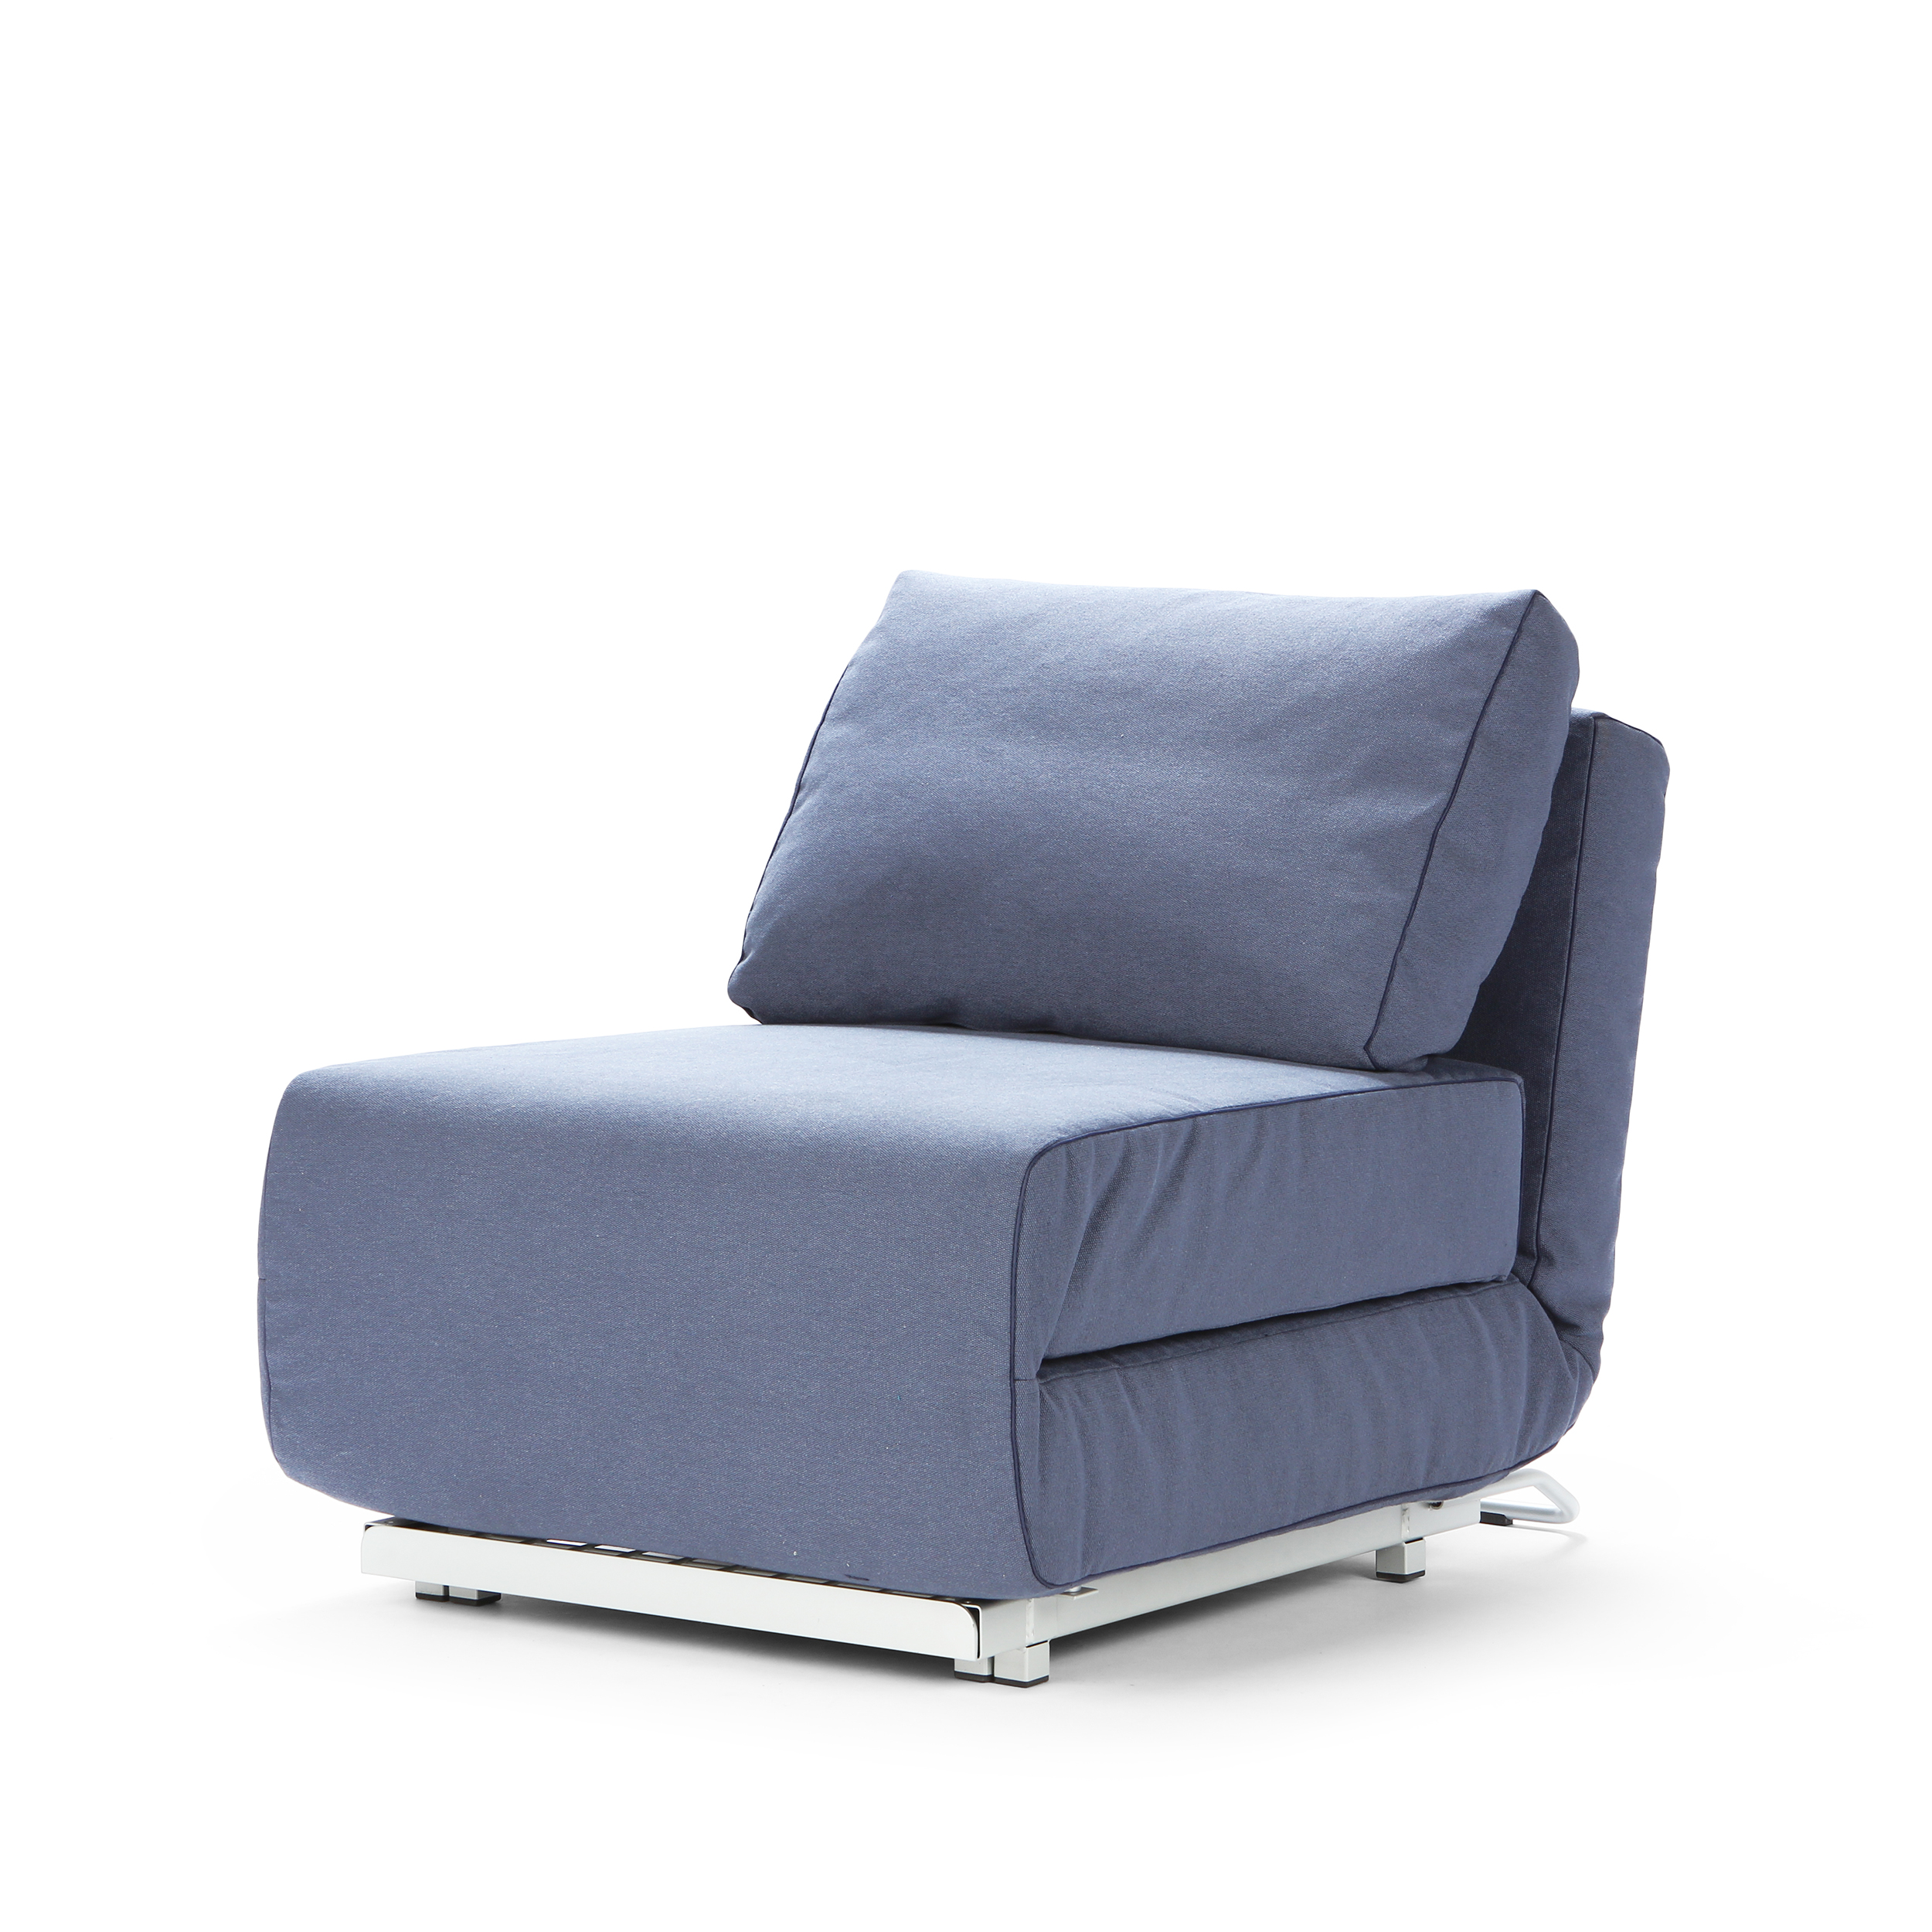 Кресло CityИнтерьерные<br>Дизайнерское компактное раскладываемое прямоугольное кресло-кровать City (Сити) из хлопка, полиэстера от Softline (Софтлайн).<br><br><br><br><br><br><br> Кресло City — это компактная мебель, идеально подходящая для маленьких городских пространств, доступная как собственно кресло, так и как односпальная кровать. Стиль, комфорт — и восемь положений спинки. Кресло входит в состав серии City, состоящей из дивана и кресла.<br><br><br> Оригинальное кресло City создано по эскизам Стине Энгельбрехтсен, известного датс...<br><br>stock: 0<br>Высота: 78<br>Высота сиденья: 41<br>Ширина: 73<br>Глубина: 98<br>Цвет ножек: Хром<br>Материал обивки: Хлопок, Полиэстер<br>Коллекция ткани: Vision<br>Тип материала обивки: Ткань<br>Тип материала ножек: Сталь<br>Цвет обивки: Голубой